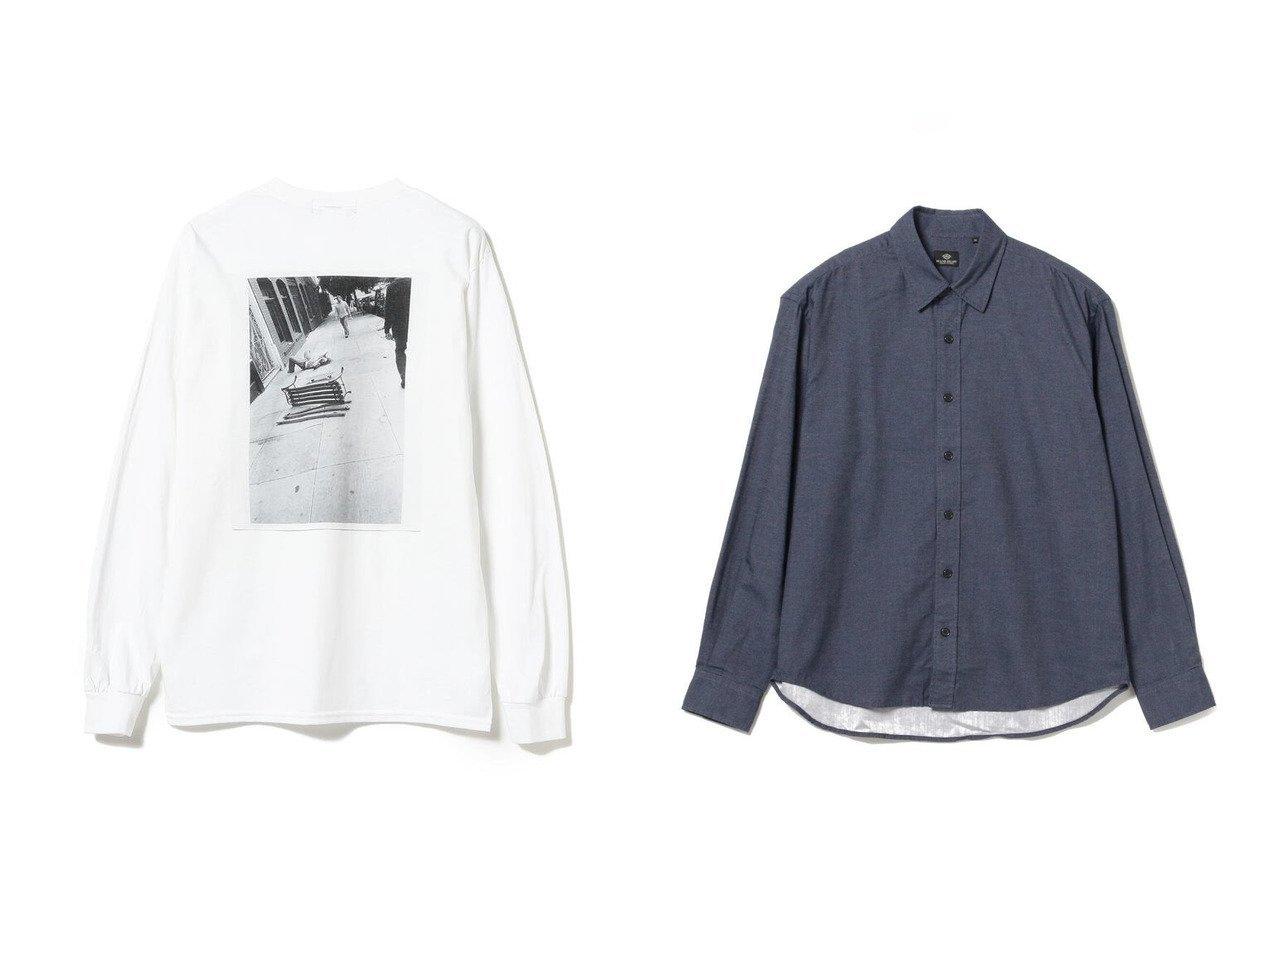 【BEAMS / MEN/ビームス】のGreg Hunt × BEAMS T 1997 ロングスリーブ Tシャツ&【BEAMS HEART / MEN/ビームス ハート】のソリッド レギュラーカラー シャツ 【MEN】BEAMSのおすすめ!人気トレンド・男性、メンズファッションの通販 おすすめで人気の流行・トレンド、ファッションの通販商品 メンズファッション・キッズファッション・インテリア・家具・レディースファッション・服の通販 founy(ファニー) https://founy.com/ ファッション Fashion メンズファッション MEN トップス Tops Tshirt Men シャツ Shirts キャンバス グラフィック スリーブ リアル ロング ワーク NEW・新作・新着・新入荷 New Arrivals シンプル トレンド ビッグ ポケット レギュラー 長袖 |ID:crp329100000017273